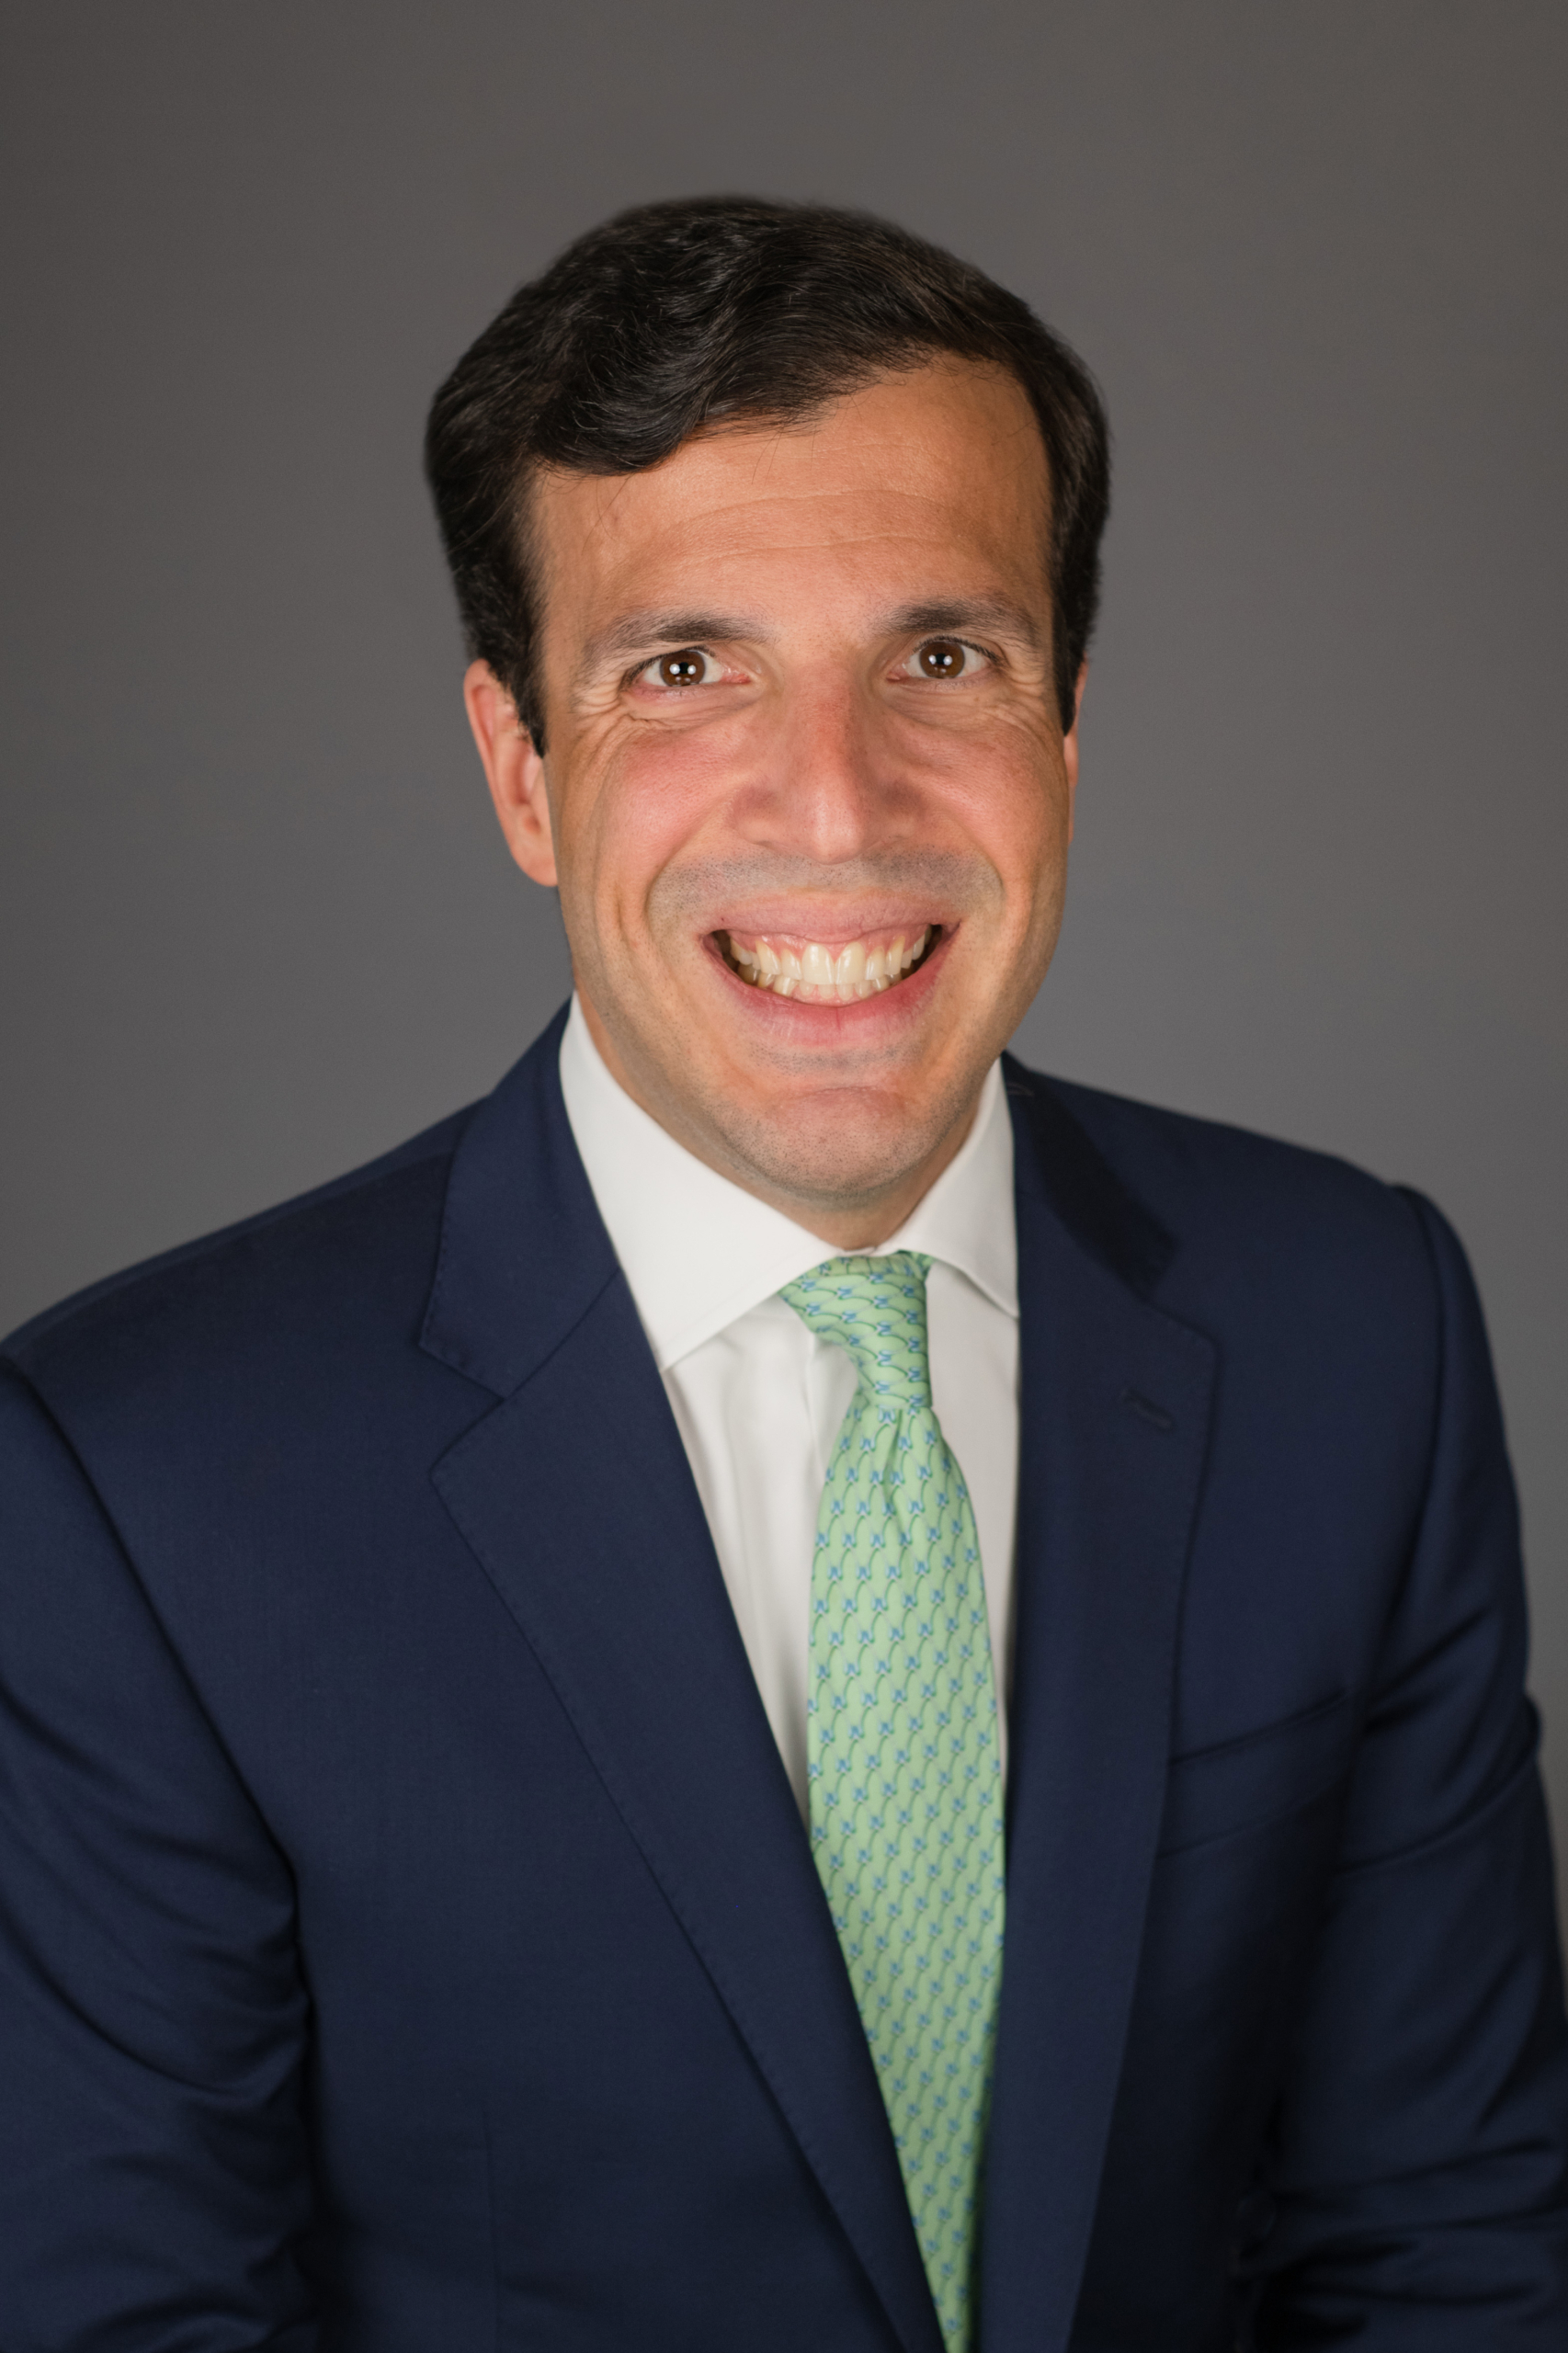 Daniel Corno